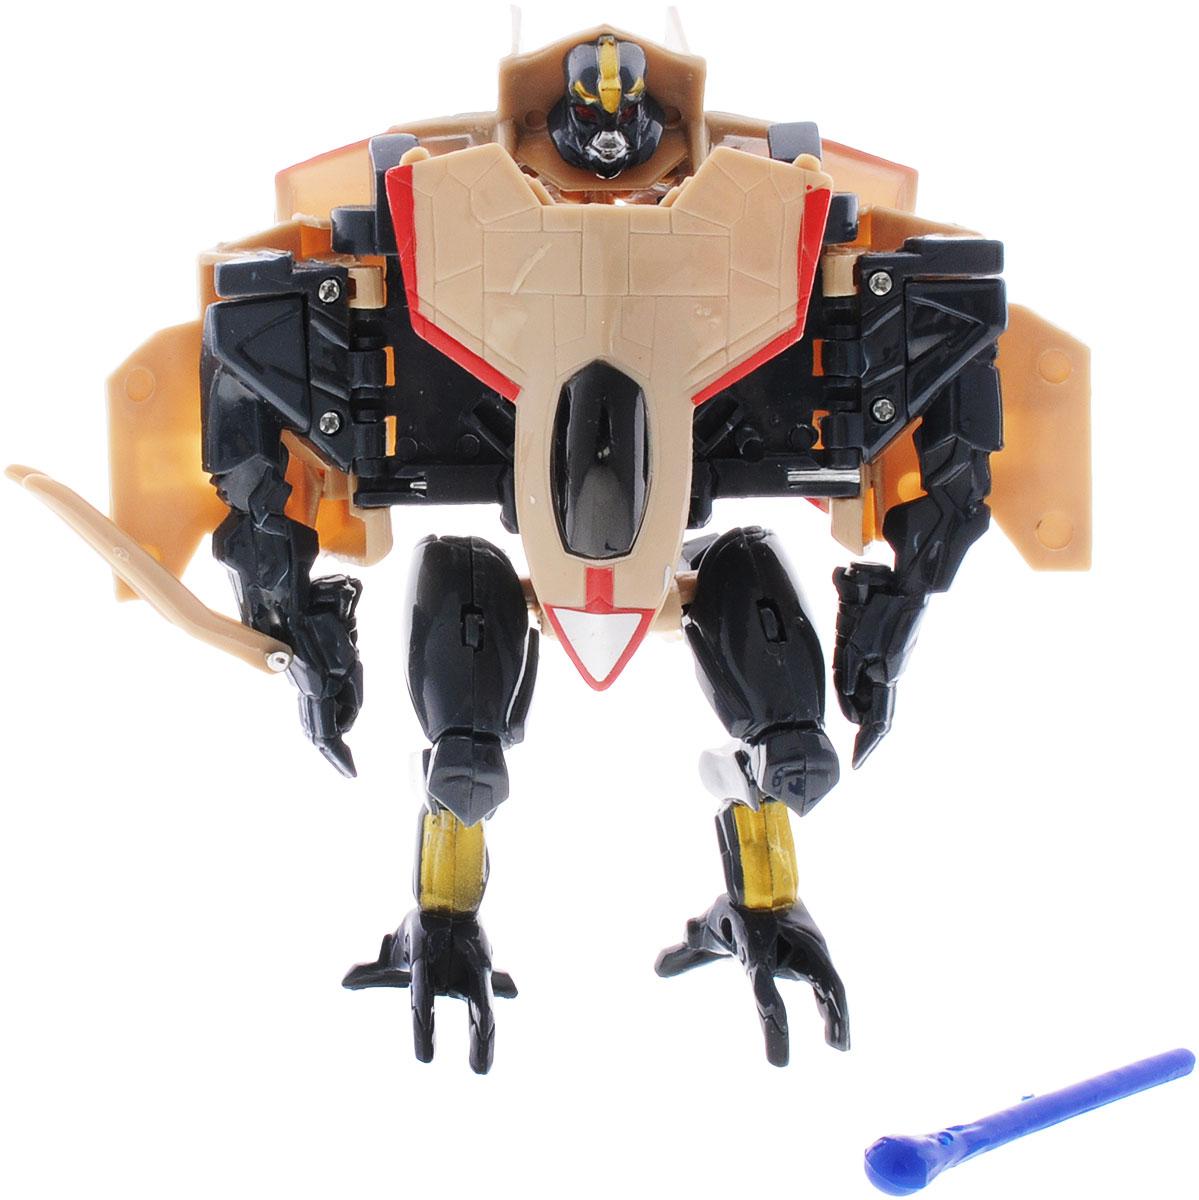 Тилибом Робот-трансформер цвет черный бежевыйТ80485_черный,бежевыйОригинальный робот-трансформер из серии Стражи галактики порадует вашего ребенка и надолго займет его внимание. Он выполнен из прочного пластика черного и бежевого цветов. Конструкция робота имеет подвижные соединения, благодаря чему, ему можно придавать различные позы. Трансформер имеет две вариации: первая - робот с грозным оружием, вторая - мощная самолет. Превратить робота в транспортное средство поможет инструкция на упаковке. Порадуйте ребенка таким замечательным подарком!